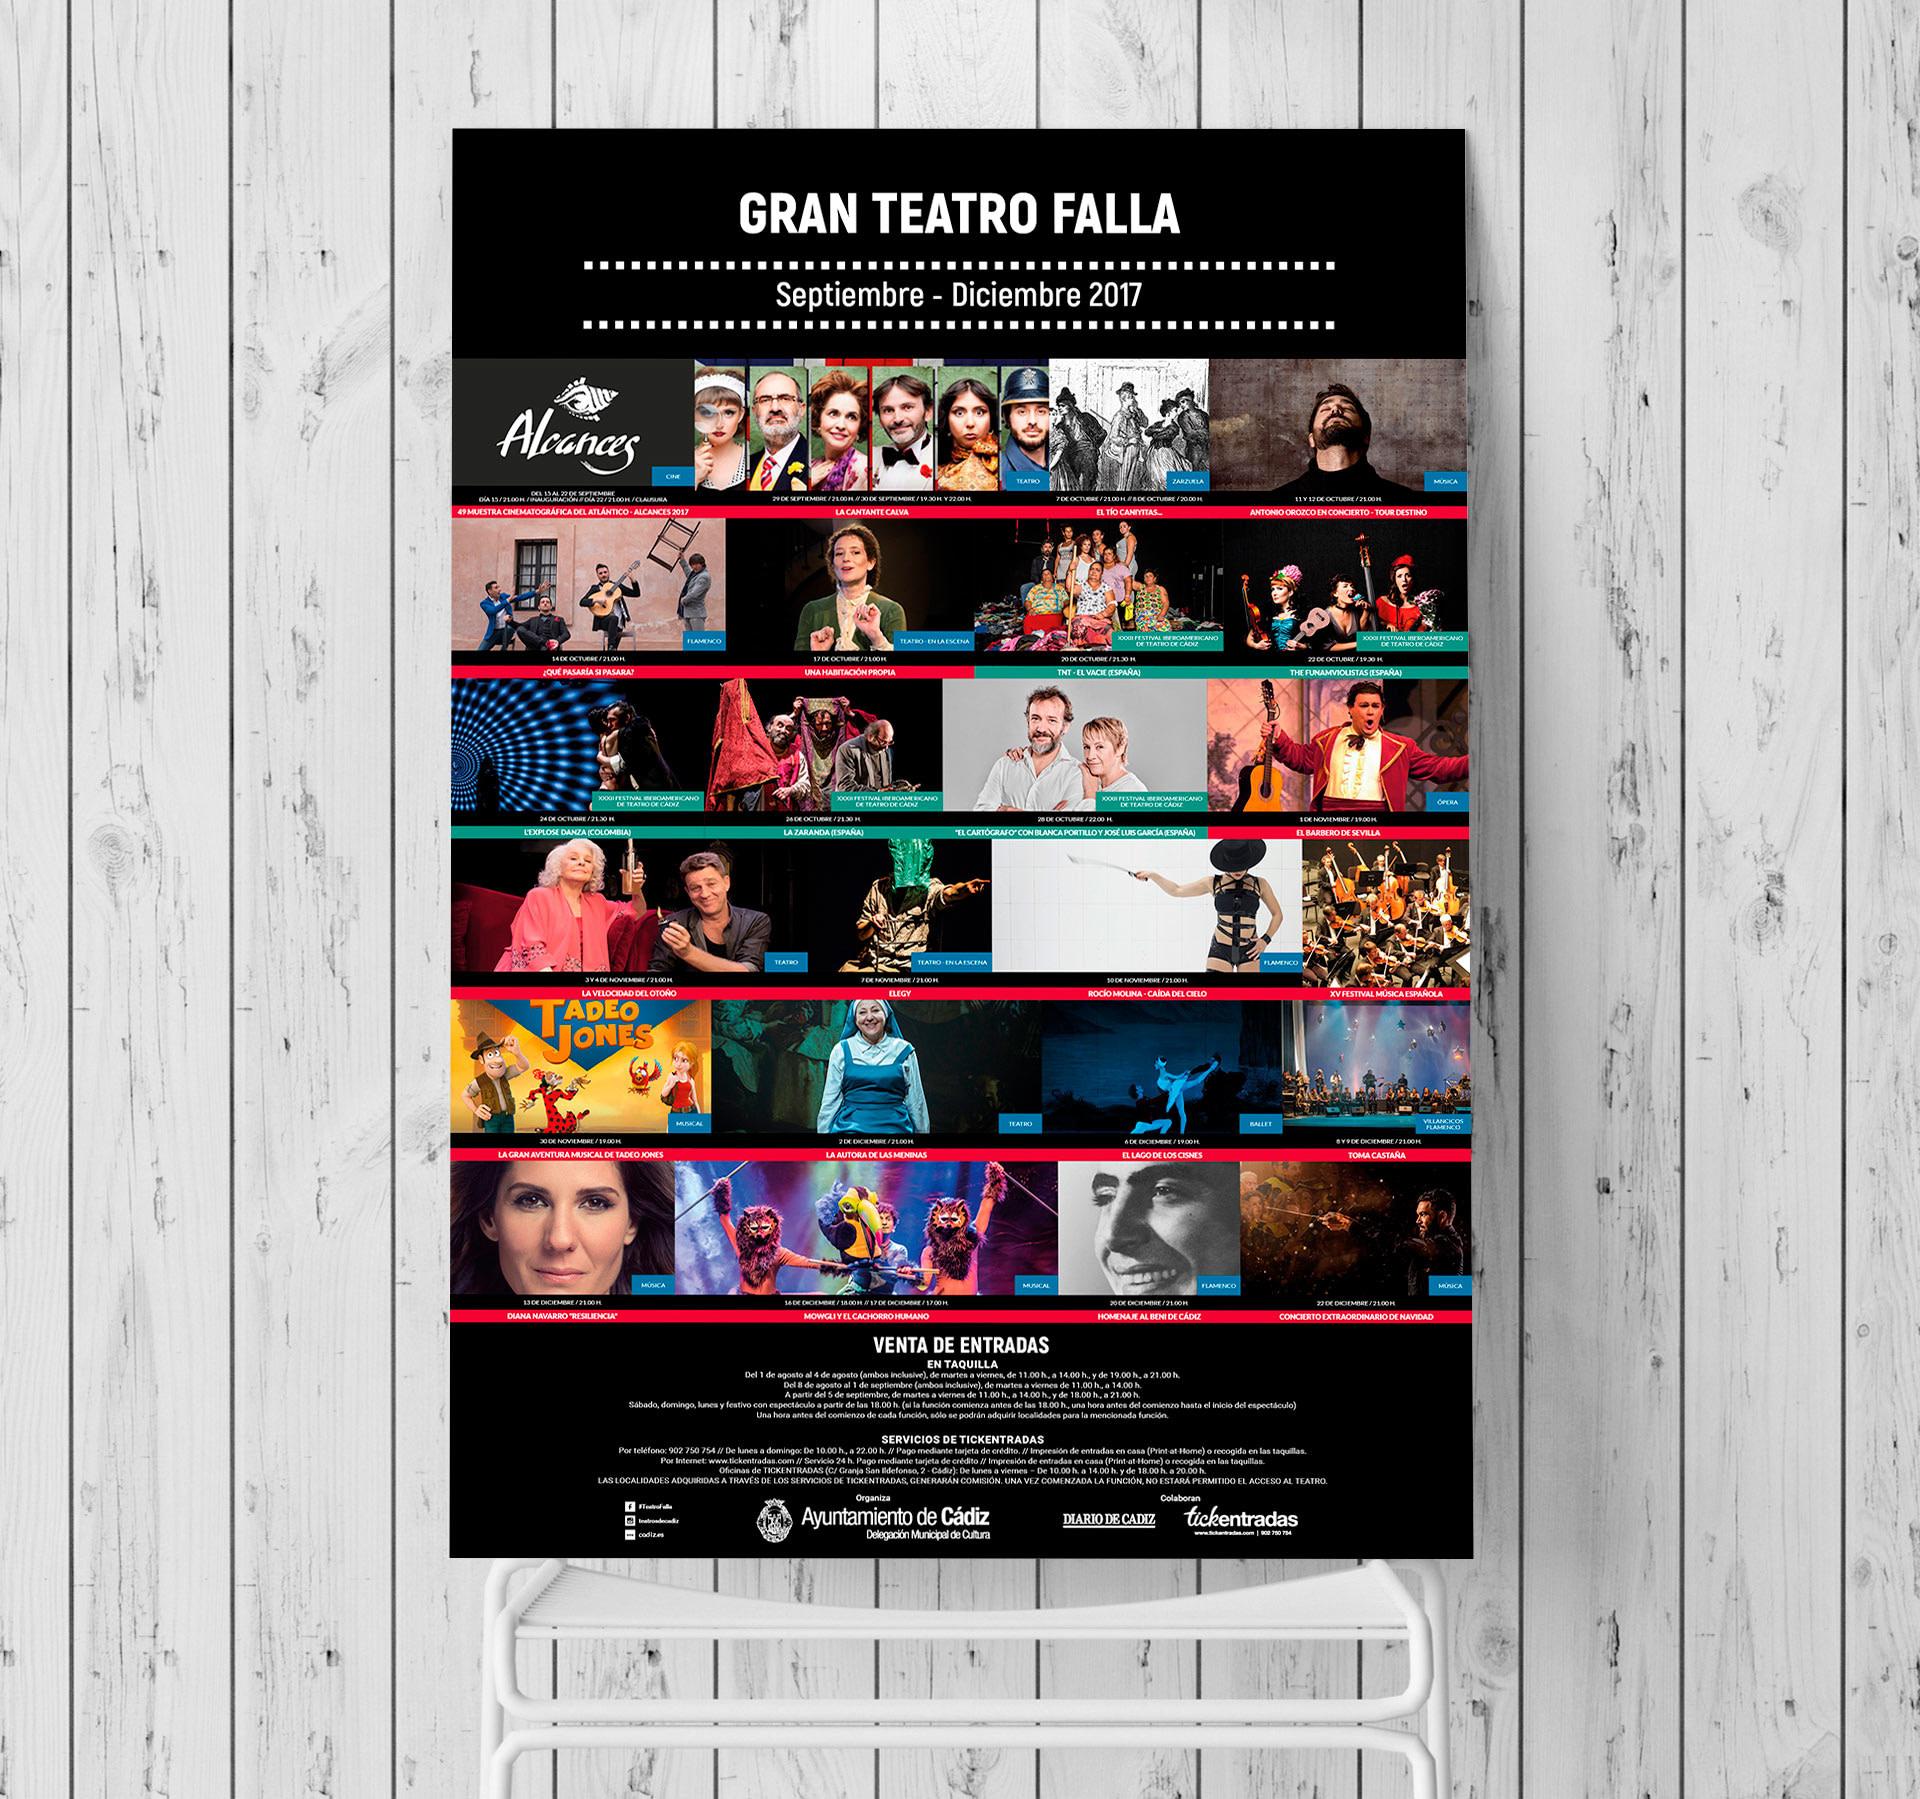 Cartel - Campaña de publicidad - Gran Teatro Falla (Septiembre - Diciembre 2017)